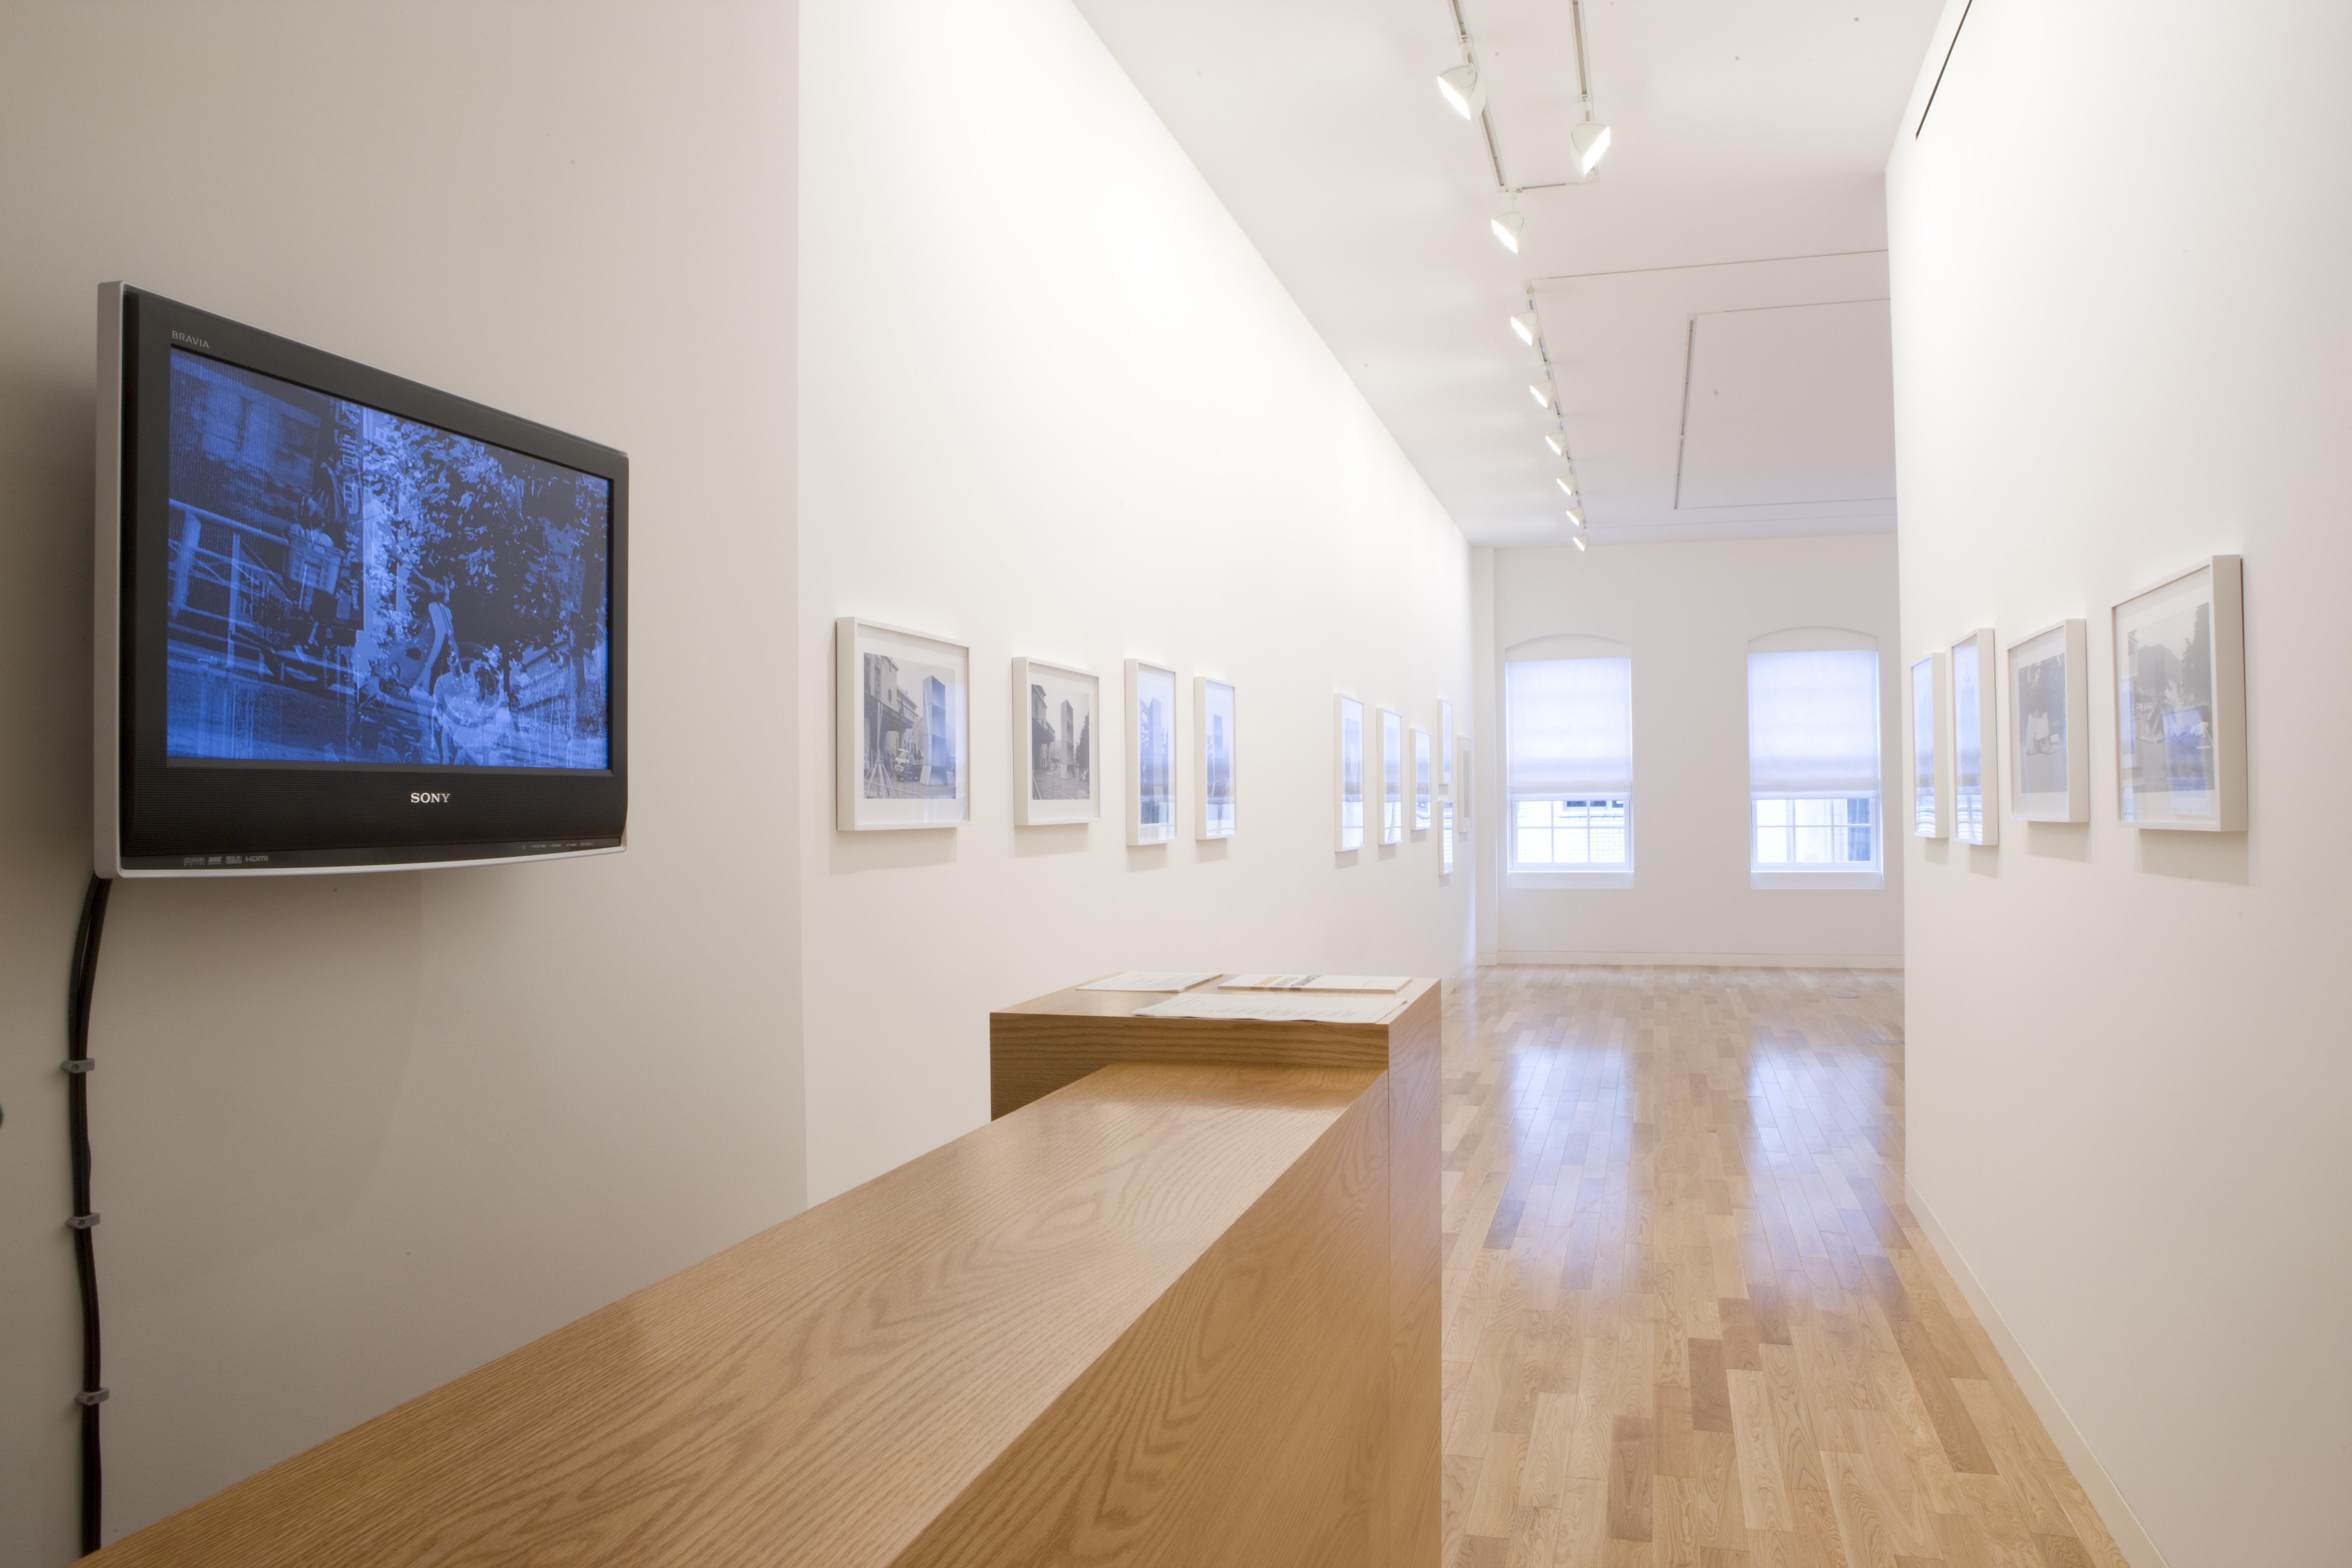 Photograph 3 from Koji Enokura, Hitoshi Nomura, Jiro Takamatsu: Photographs 1968-1979 exhibition.